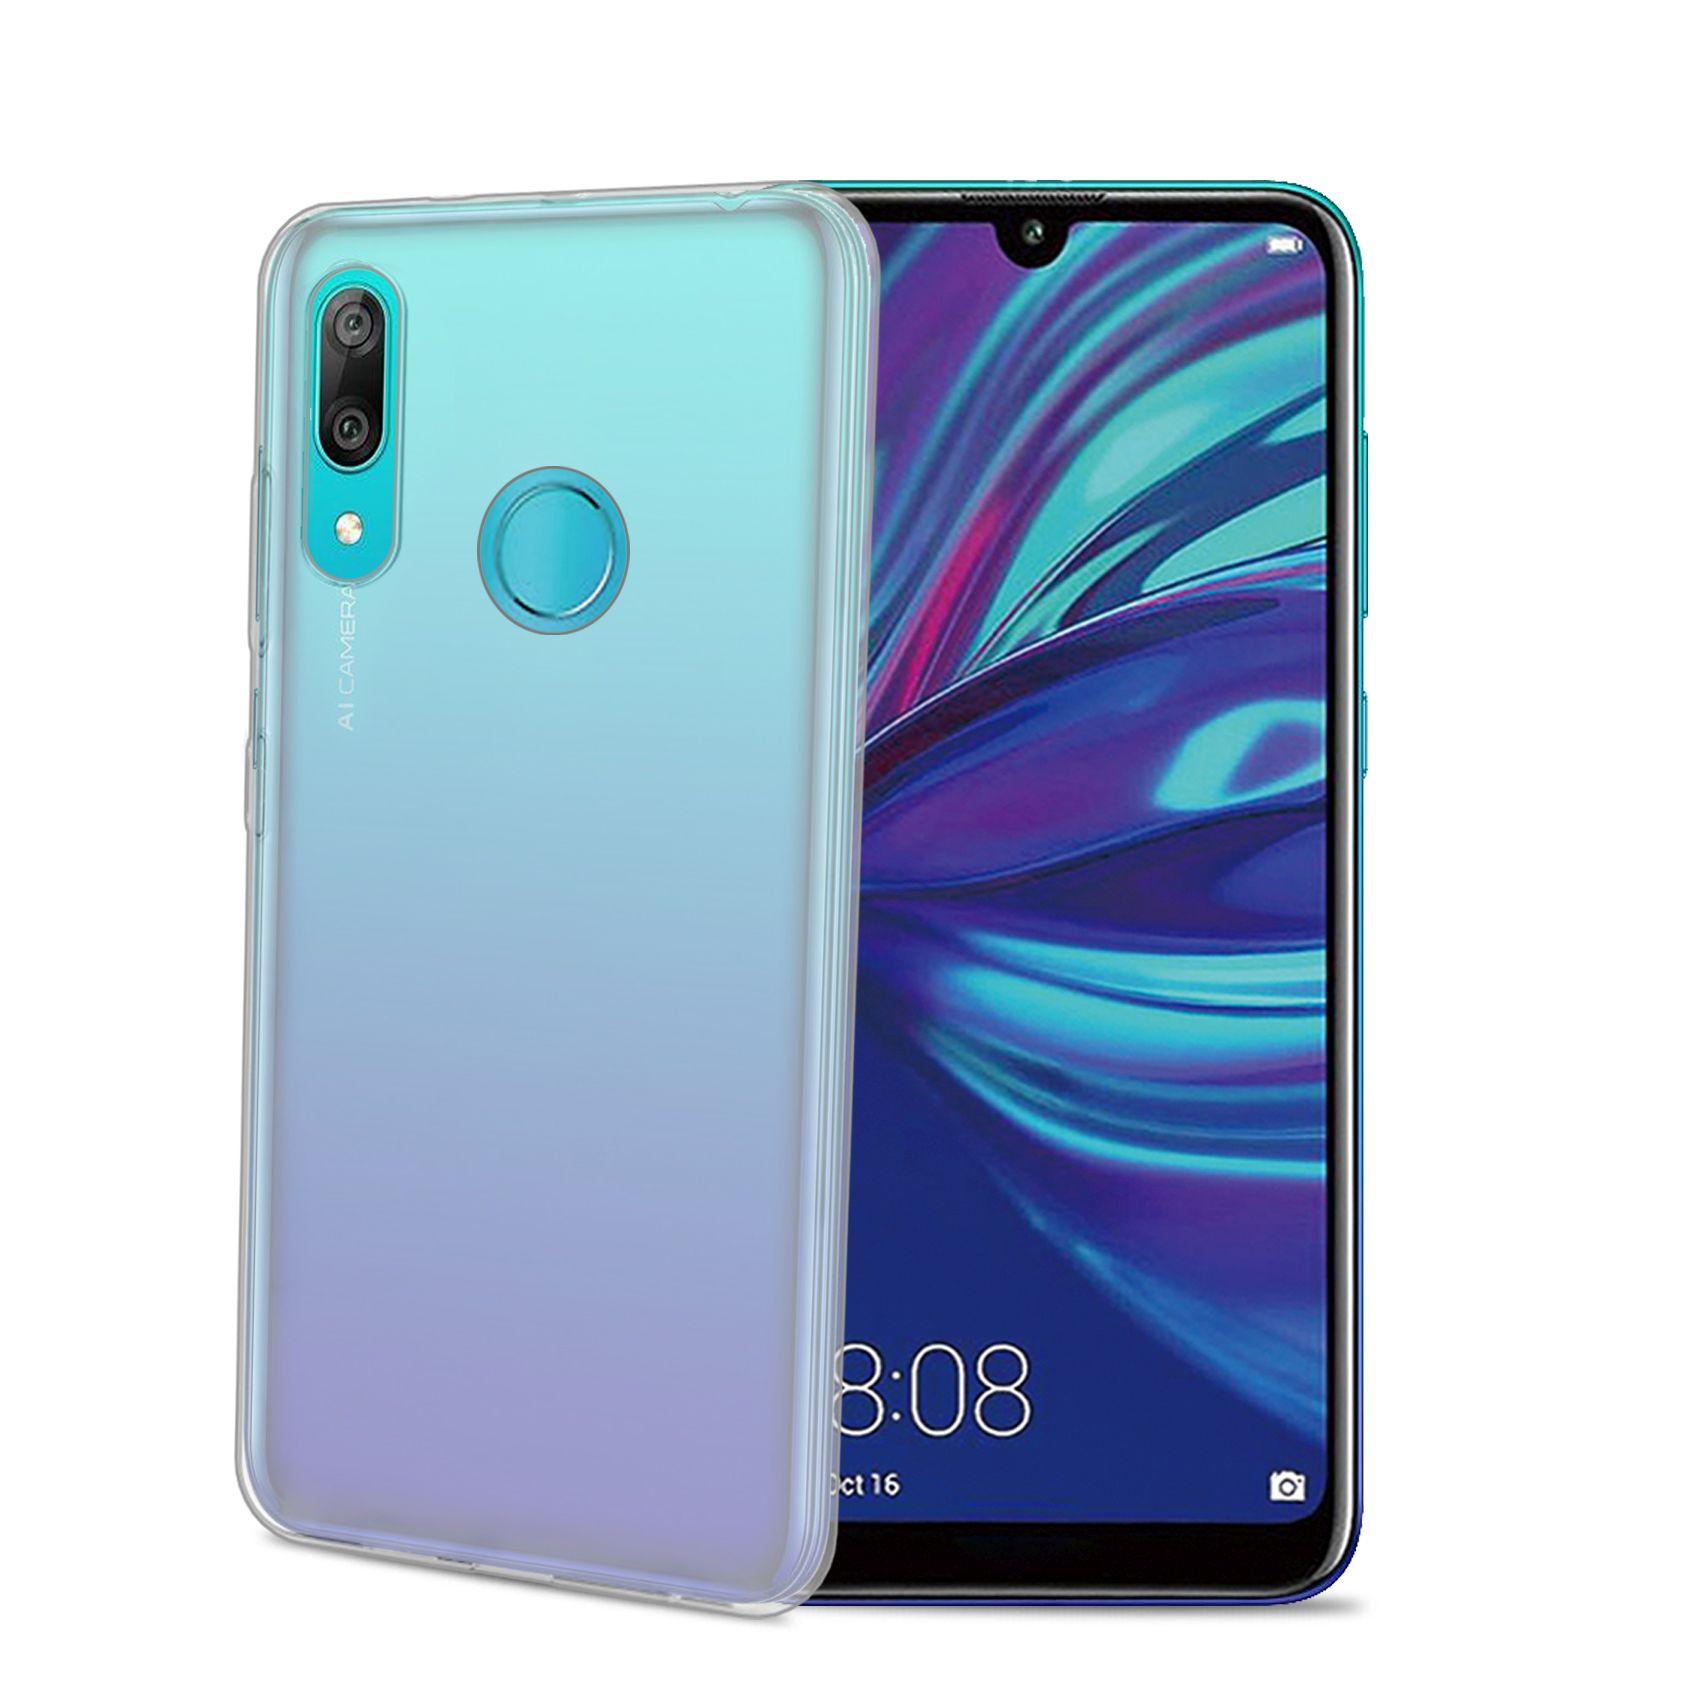 TPU pouzdro CELLY Gelskin pro Huawei Y7 (2018), bezbarvé